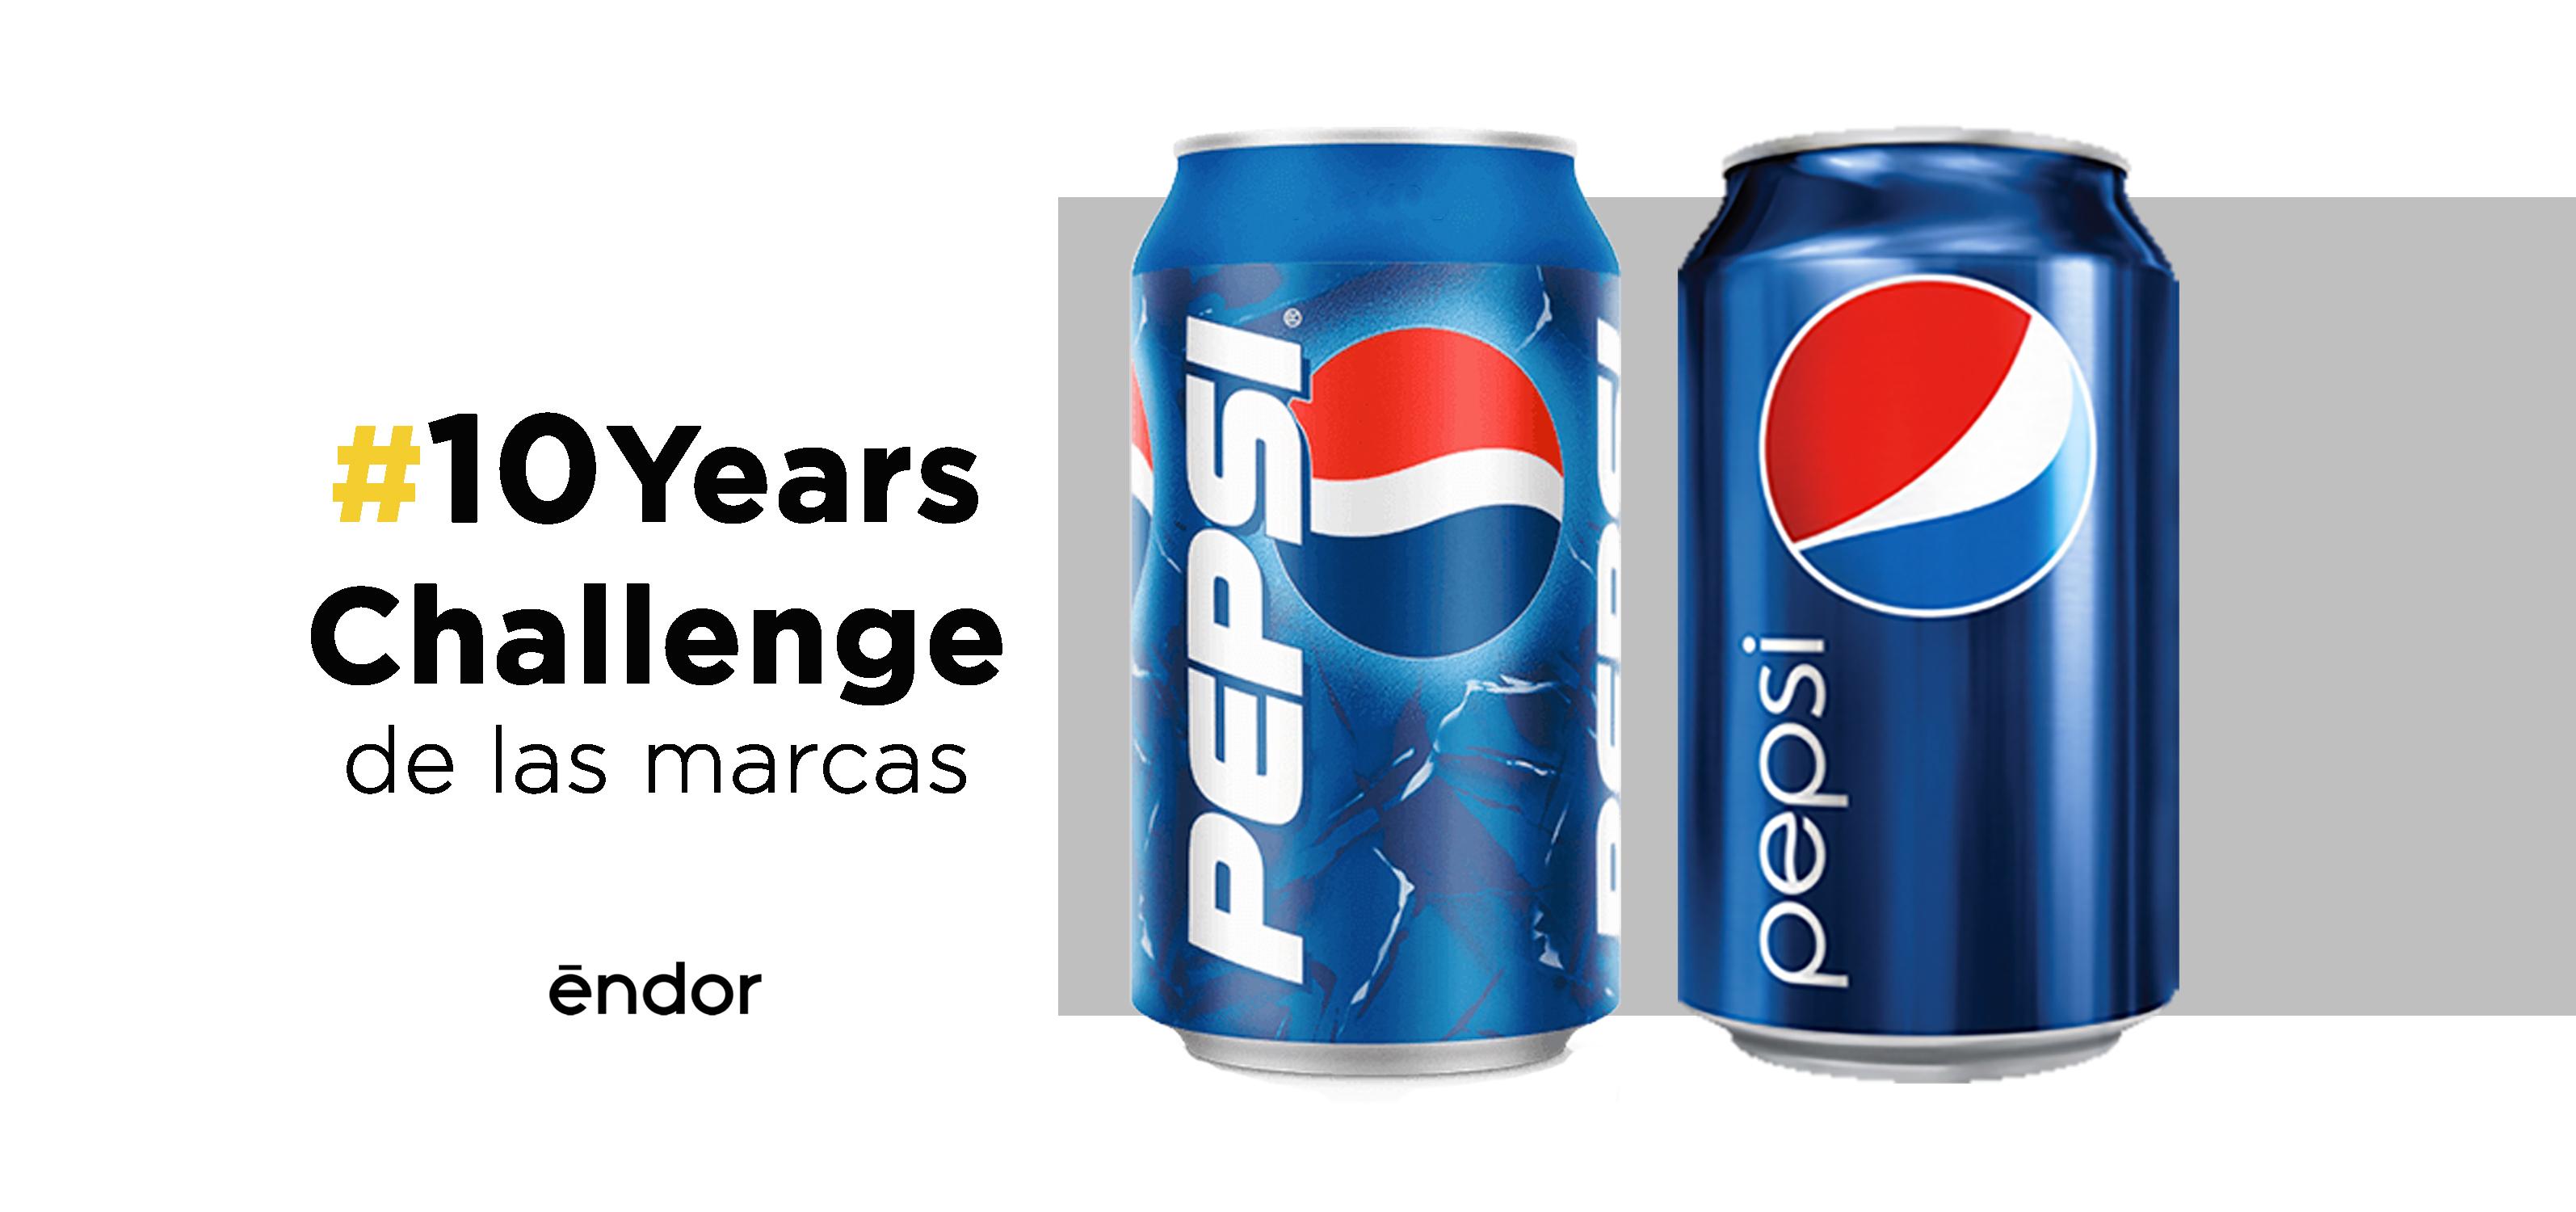 #10 YearsChallenge de las marcas